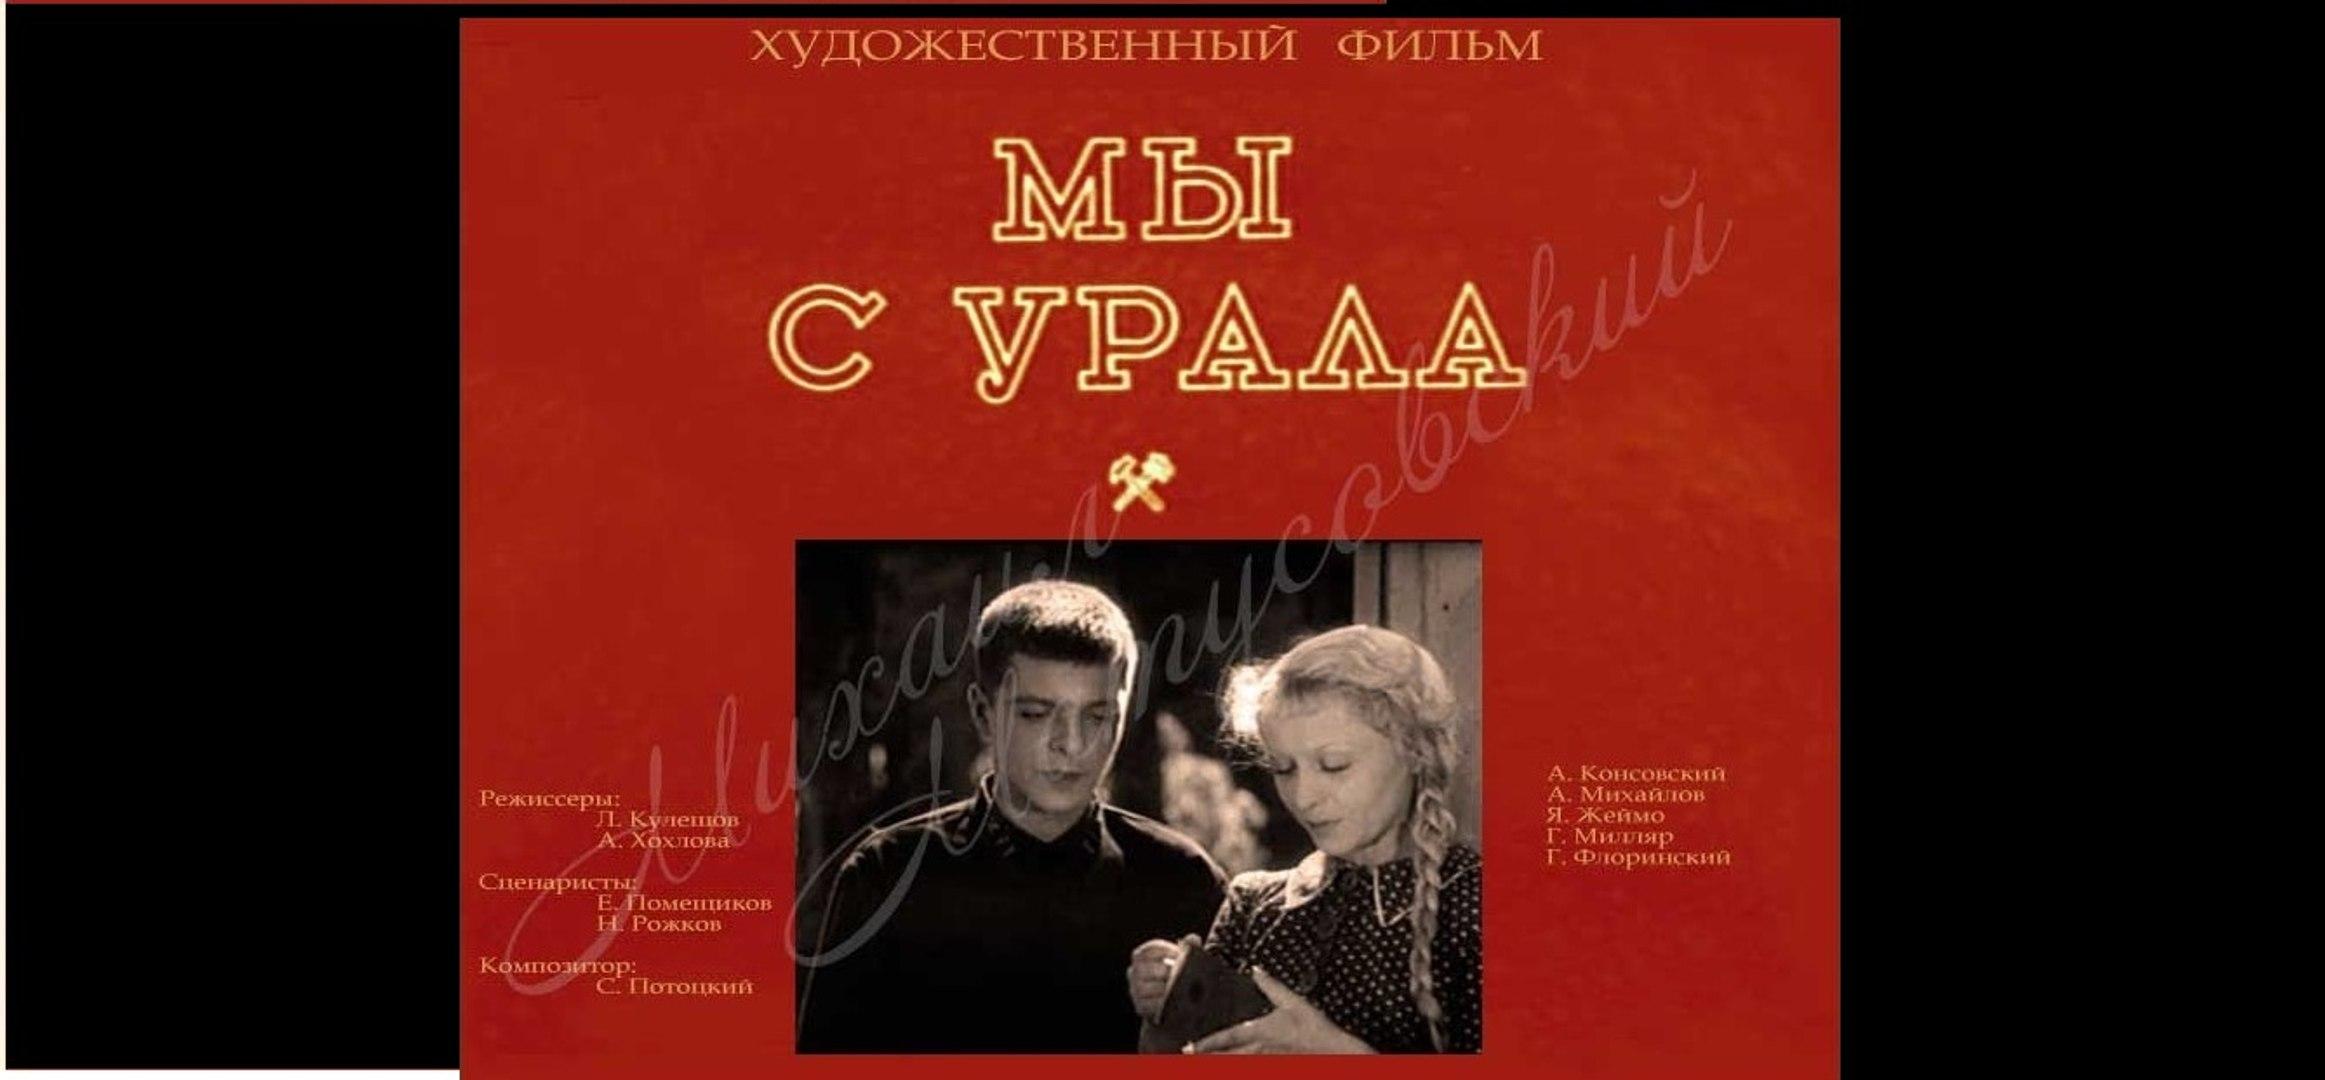 Мы с Урала  - 1943  Советский детский фильм драма